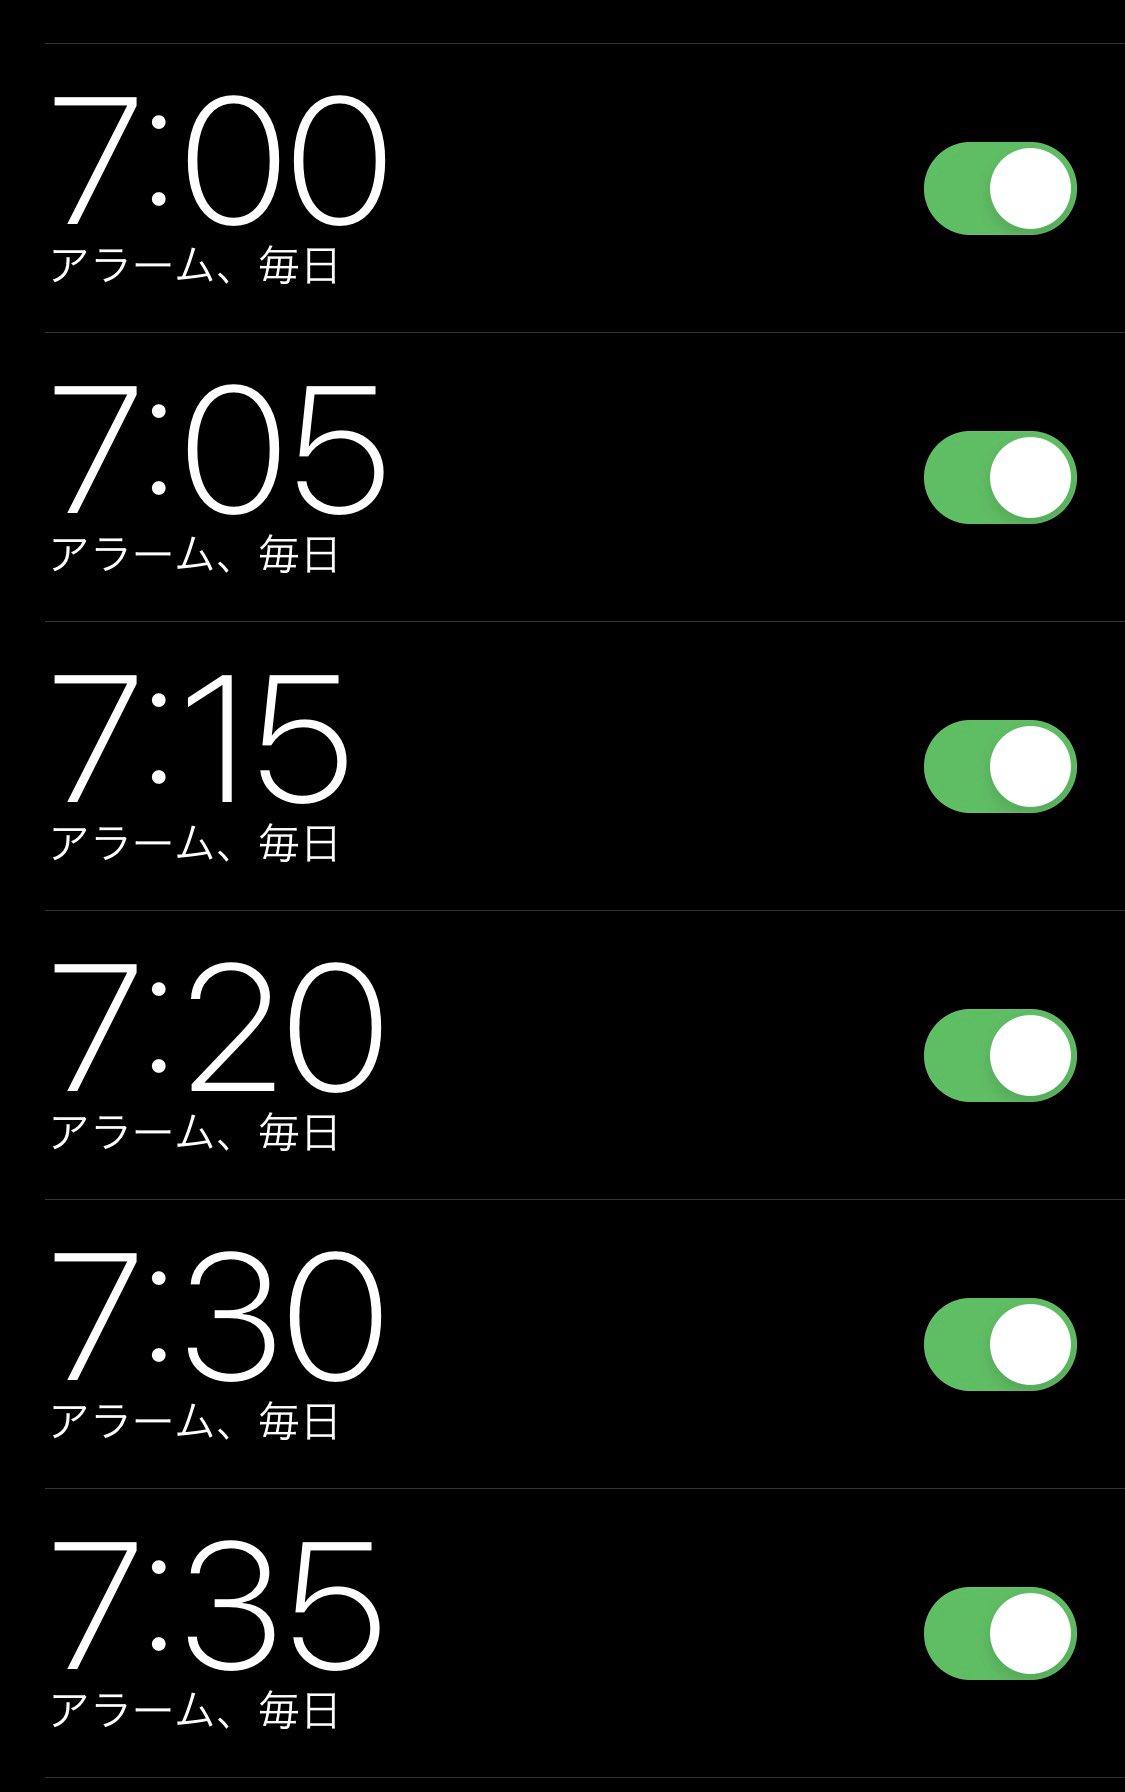 朝はしっかり起きるけど、心配性なので、5分おきにタイマーしてる!!